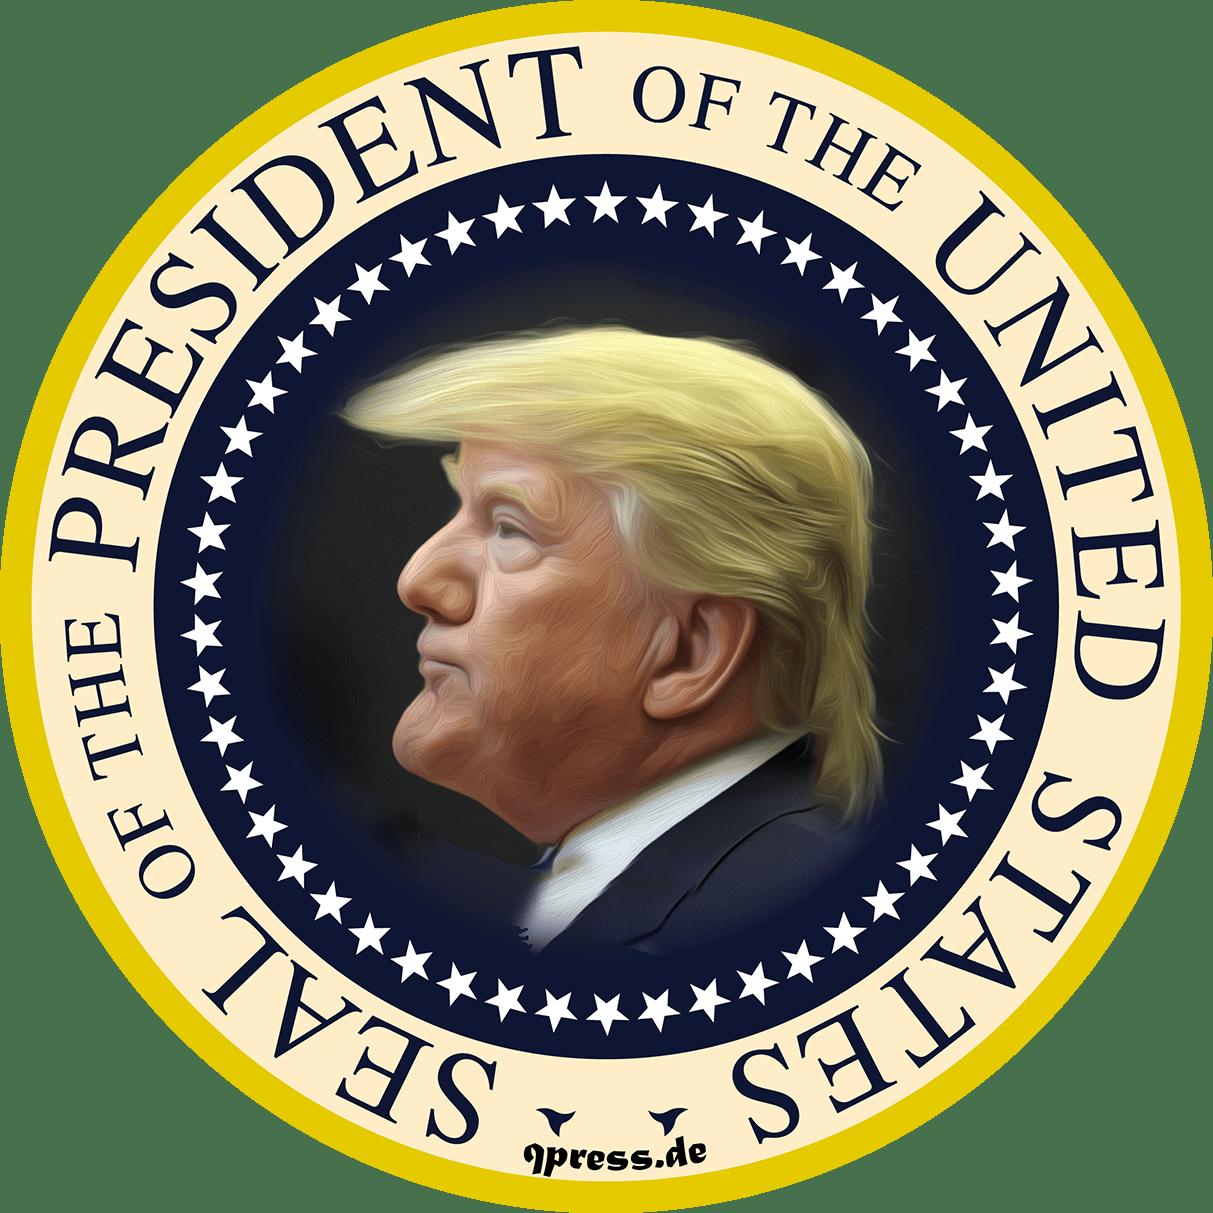 ab wann ist trump präsident der usa